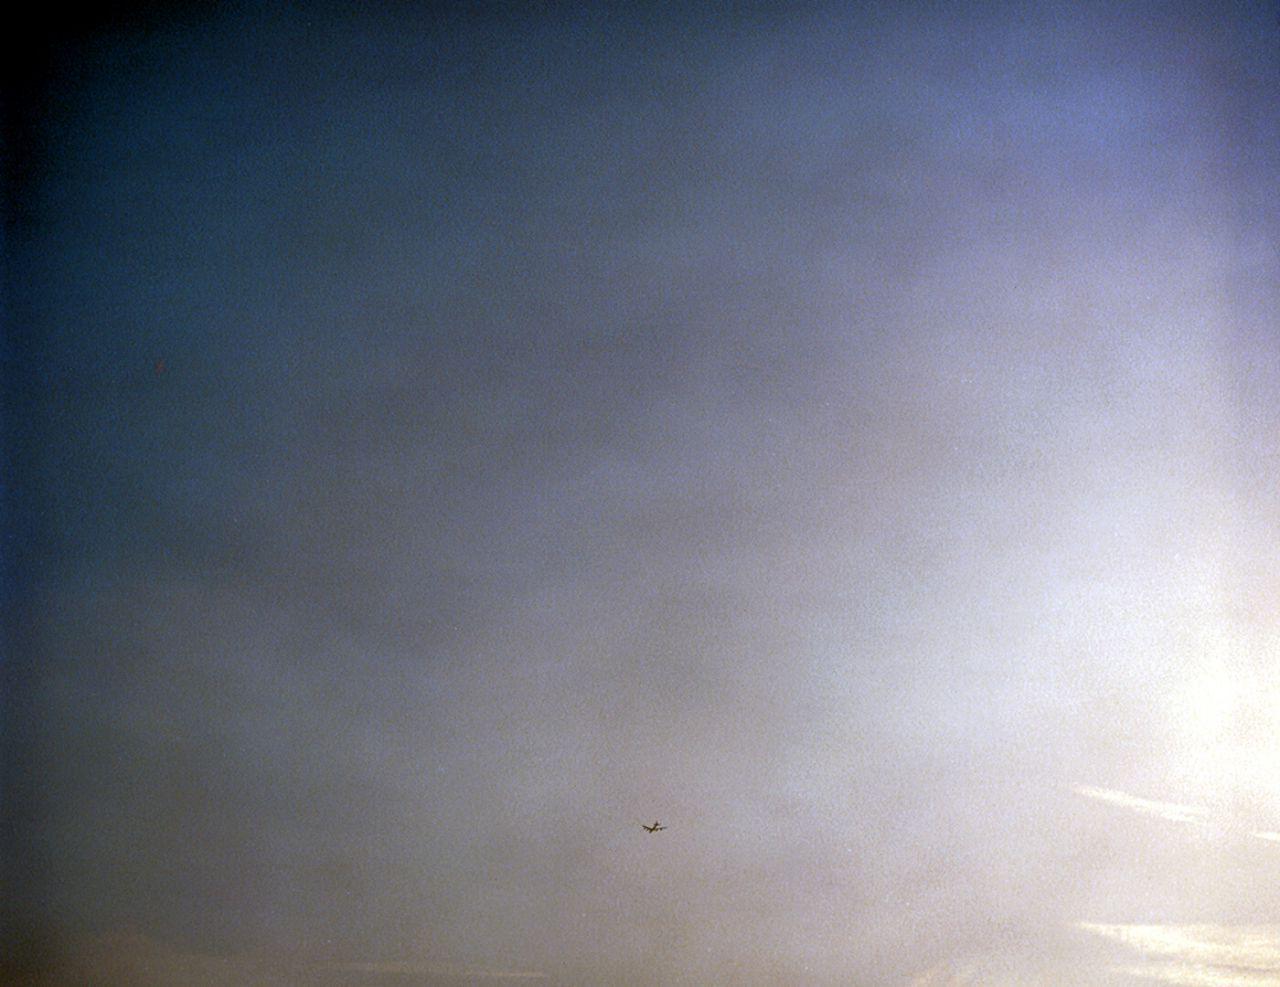 B-52 estadounidense regresando de un bombardeo en Iraq, Fairford, Inglaterra.